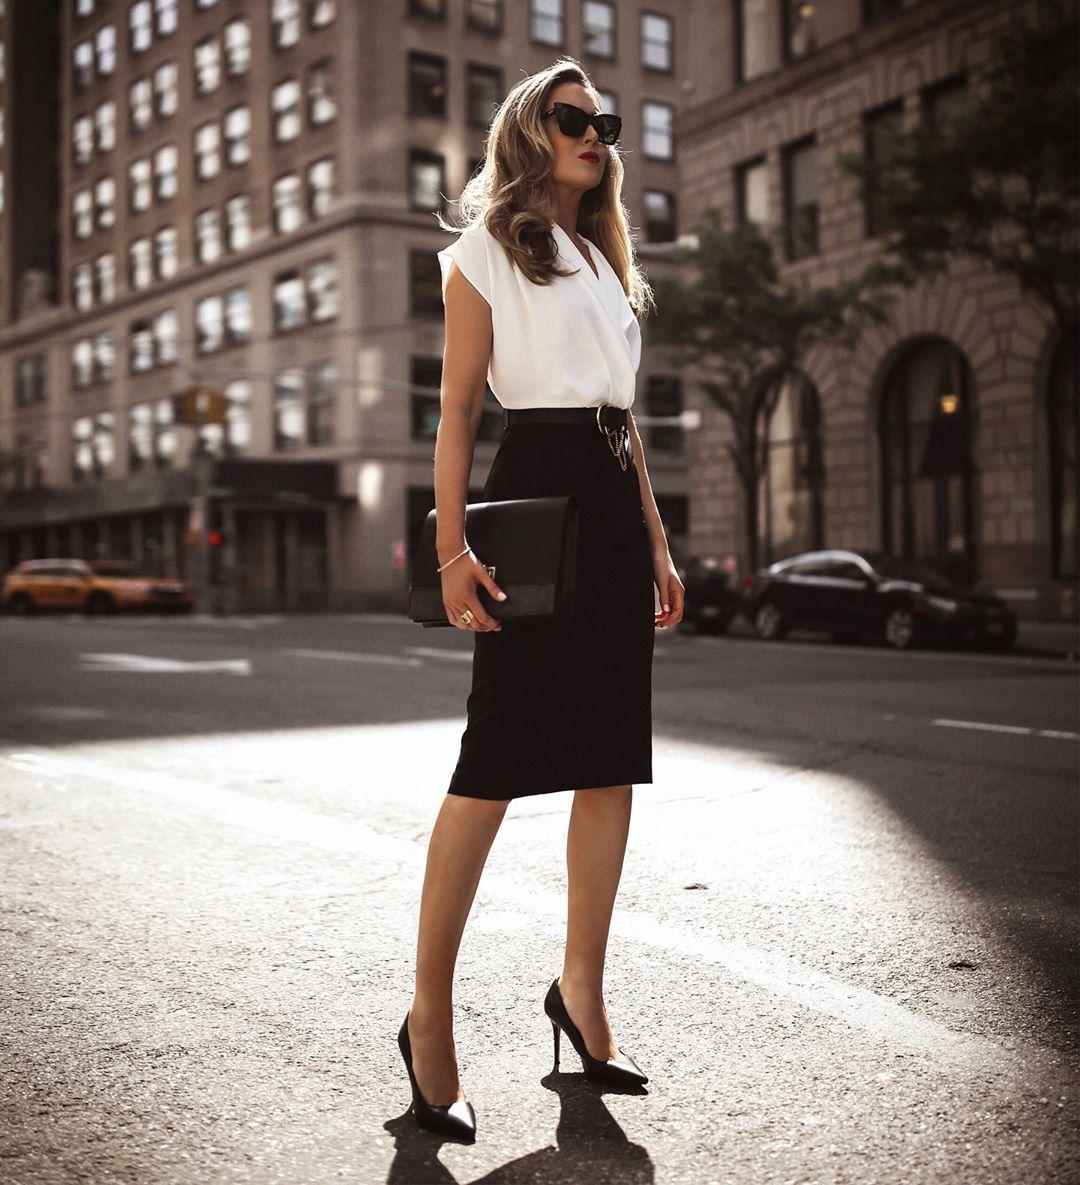 блузка с черной юбкой фото 2